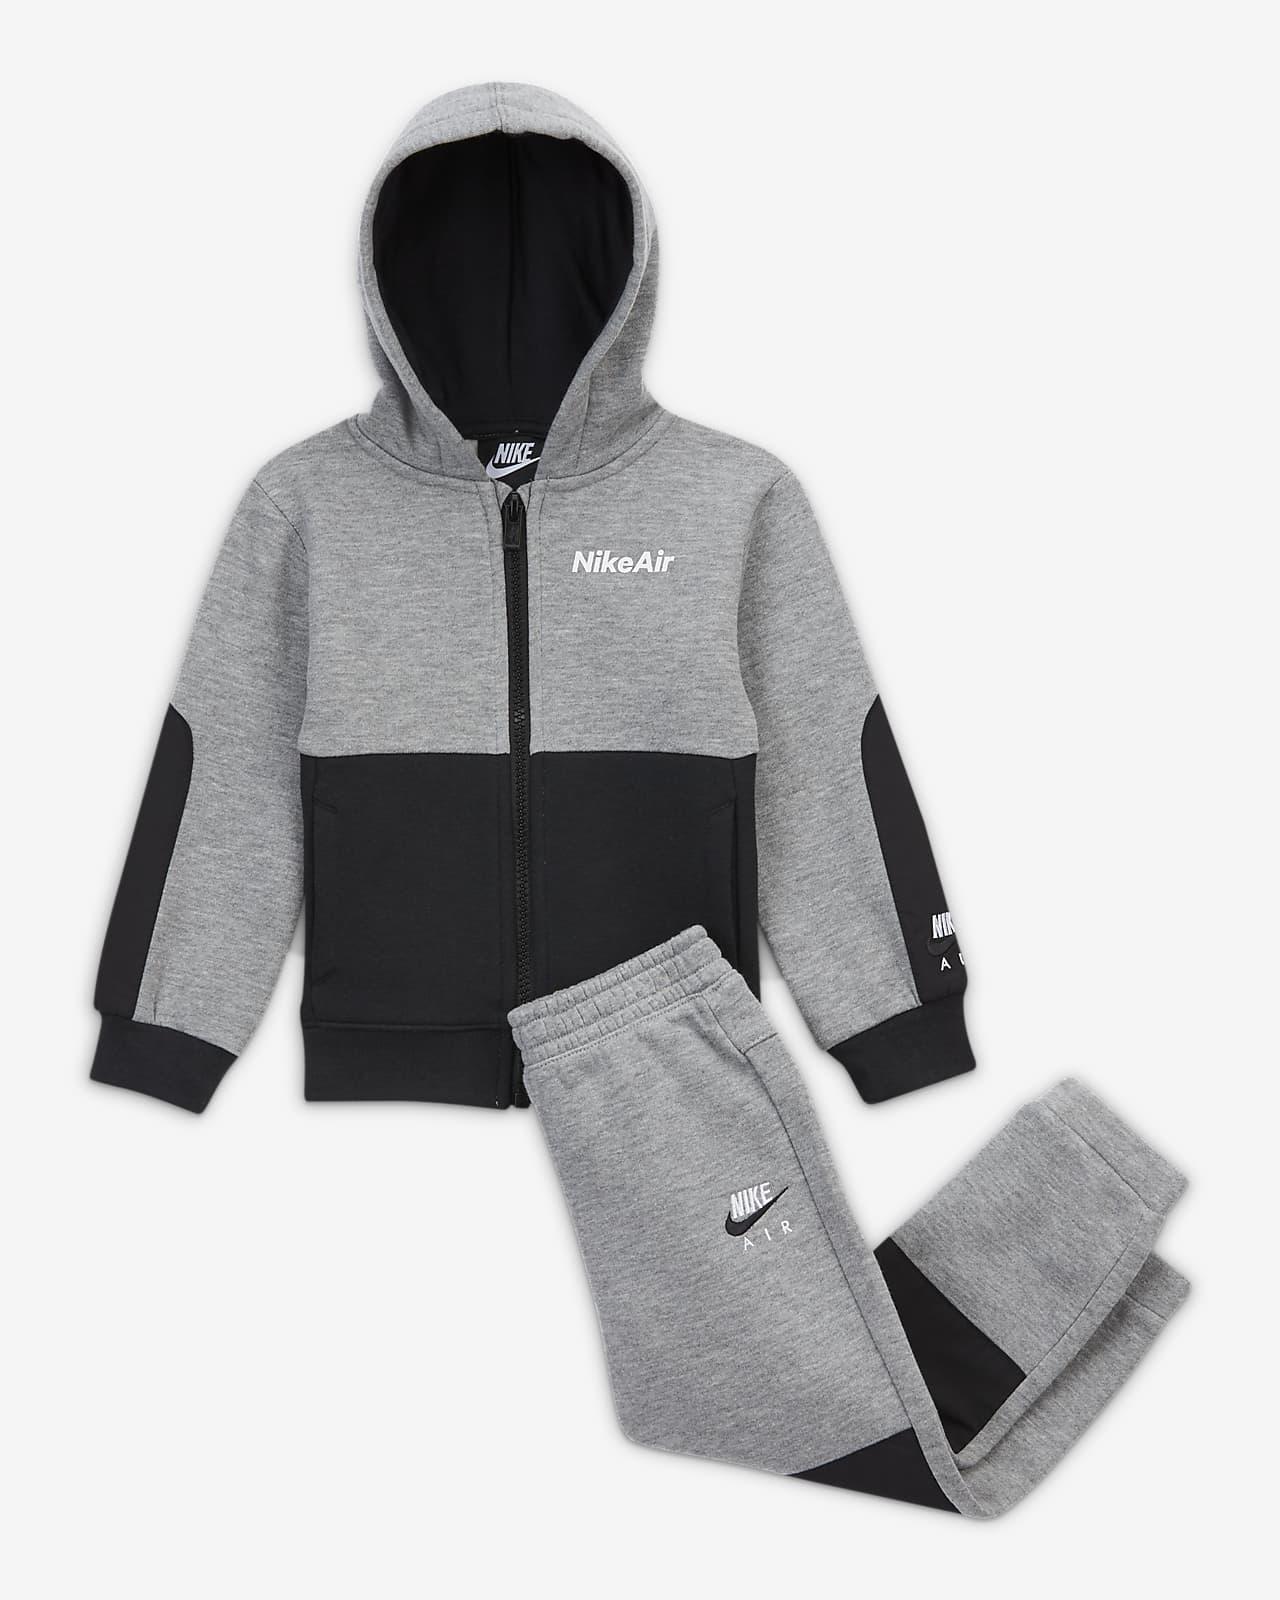 Nike Air Baby (12–24M) Zip Hoodie and Trousers Set